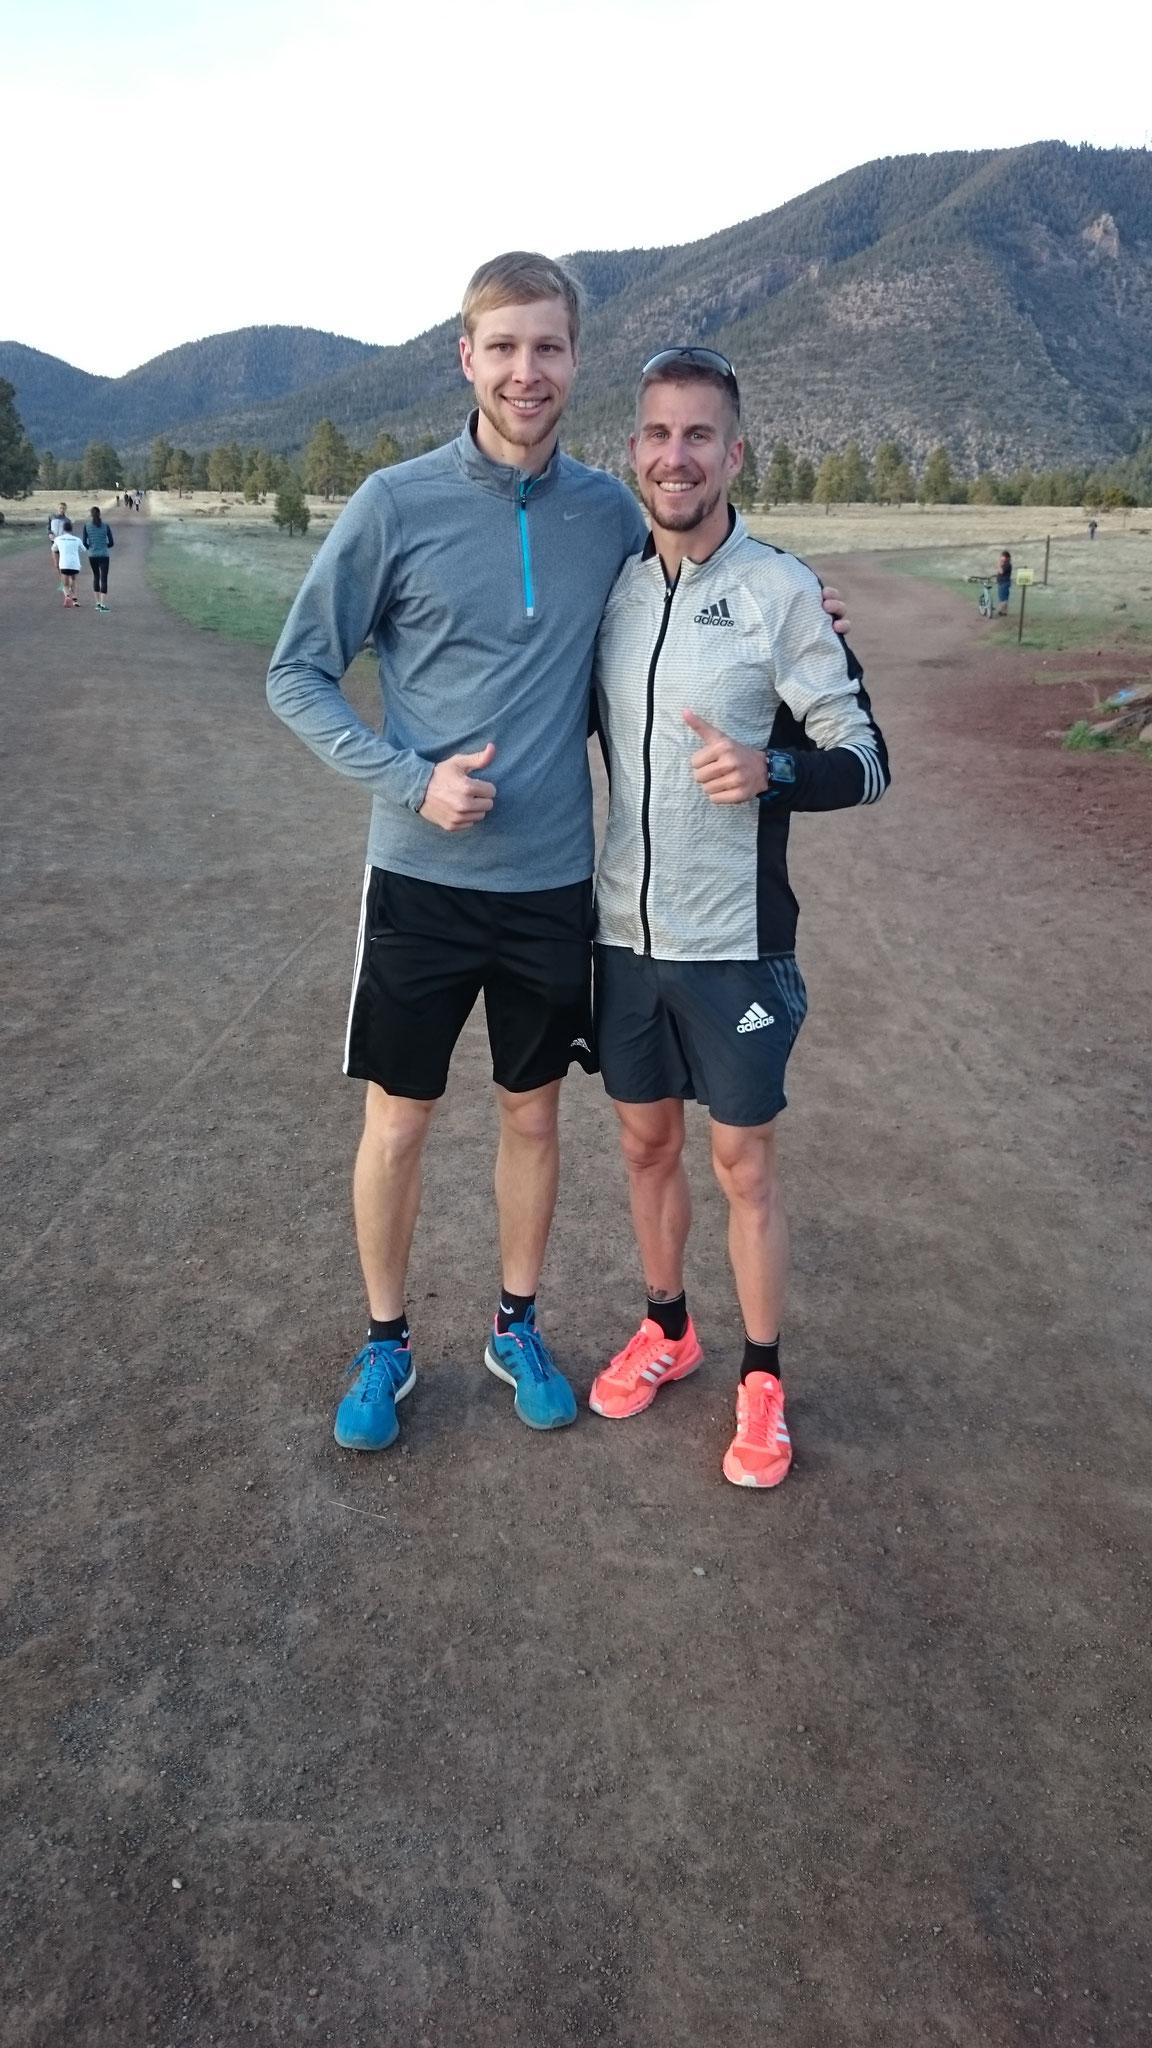 Halleneuropameister und Olympiasechster Marcin Lewandowski (POL)